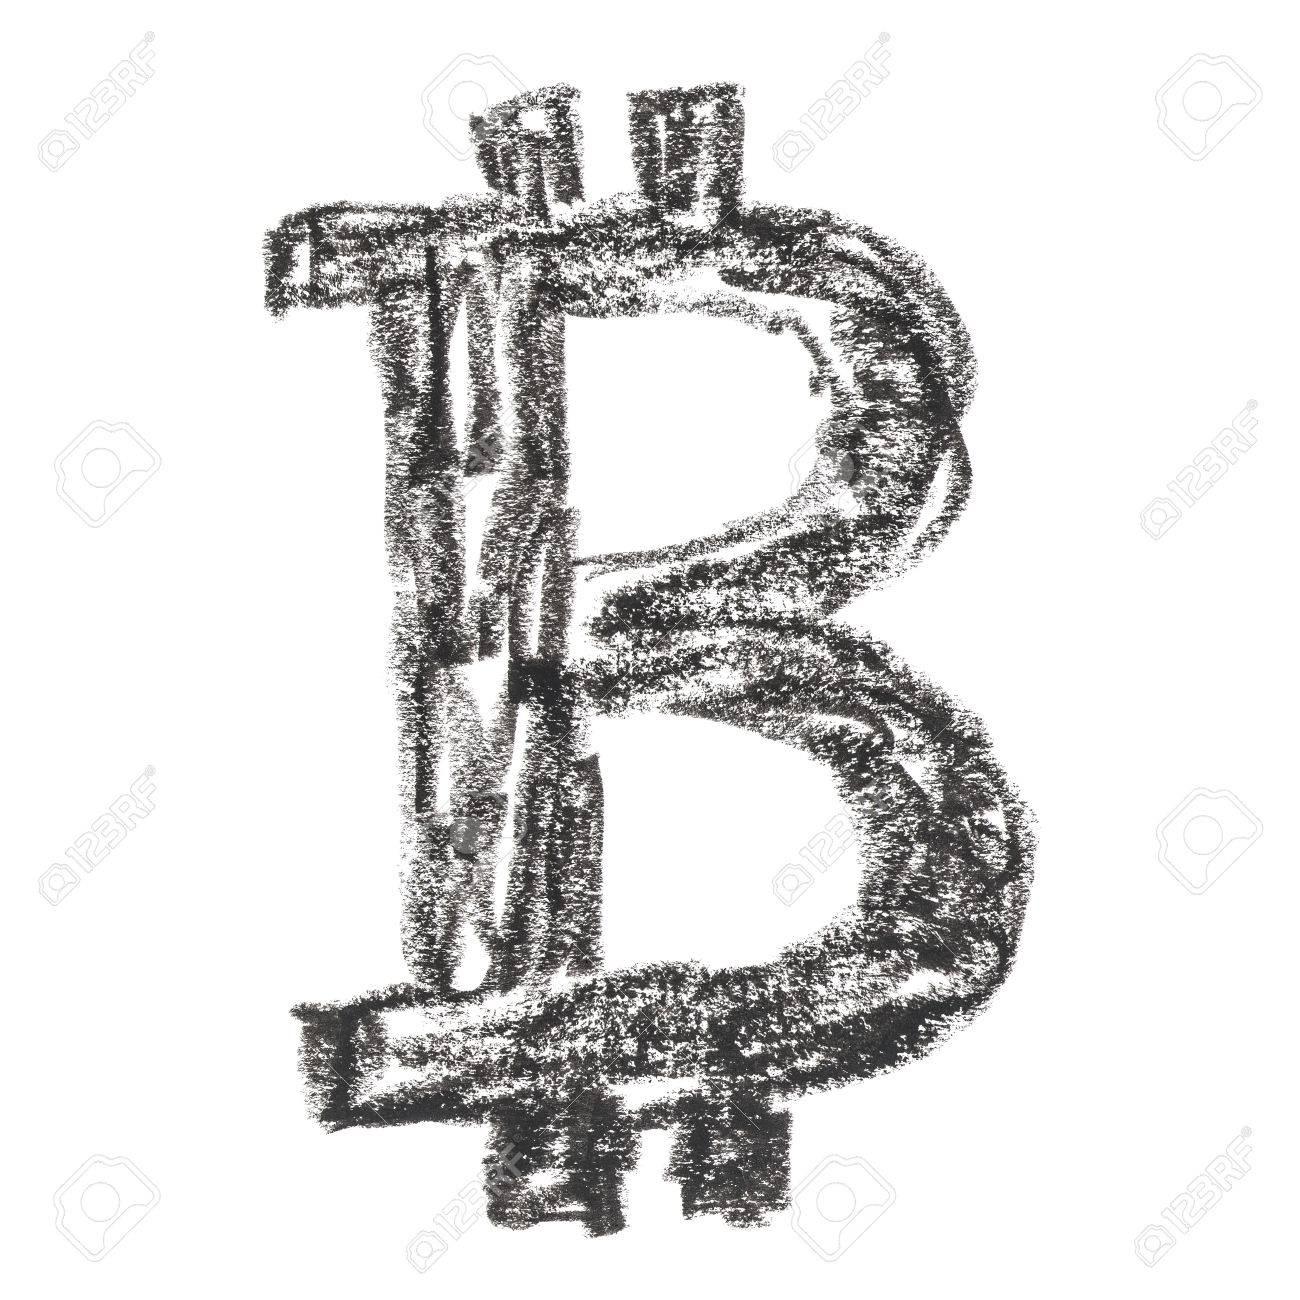 Símbolo Negro Bitcoin Dibujo Hecho A Mano De Una Moneda Cripto Descentralizada Digital Letra B Sobre Fondo Blanco